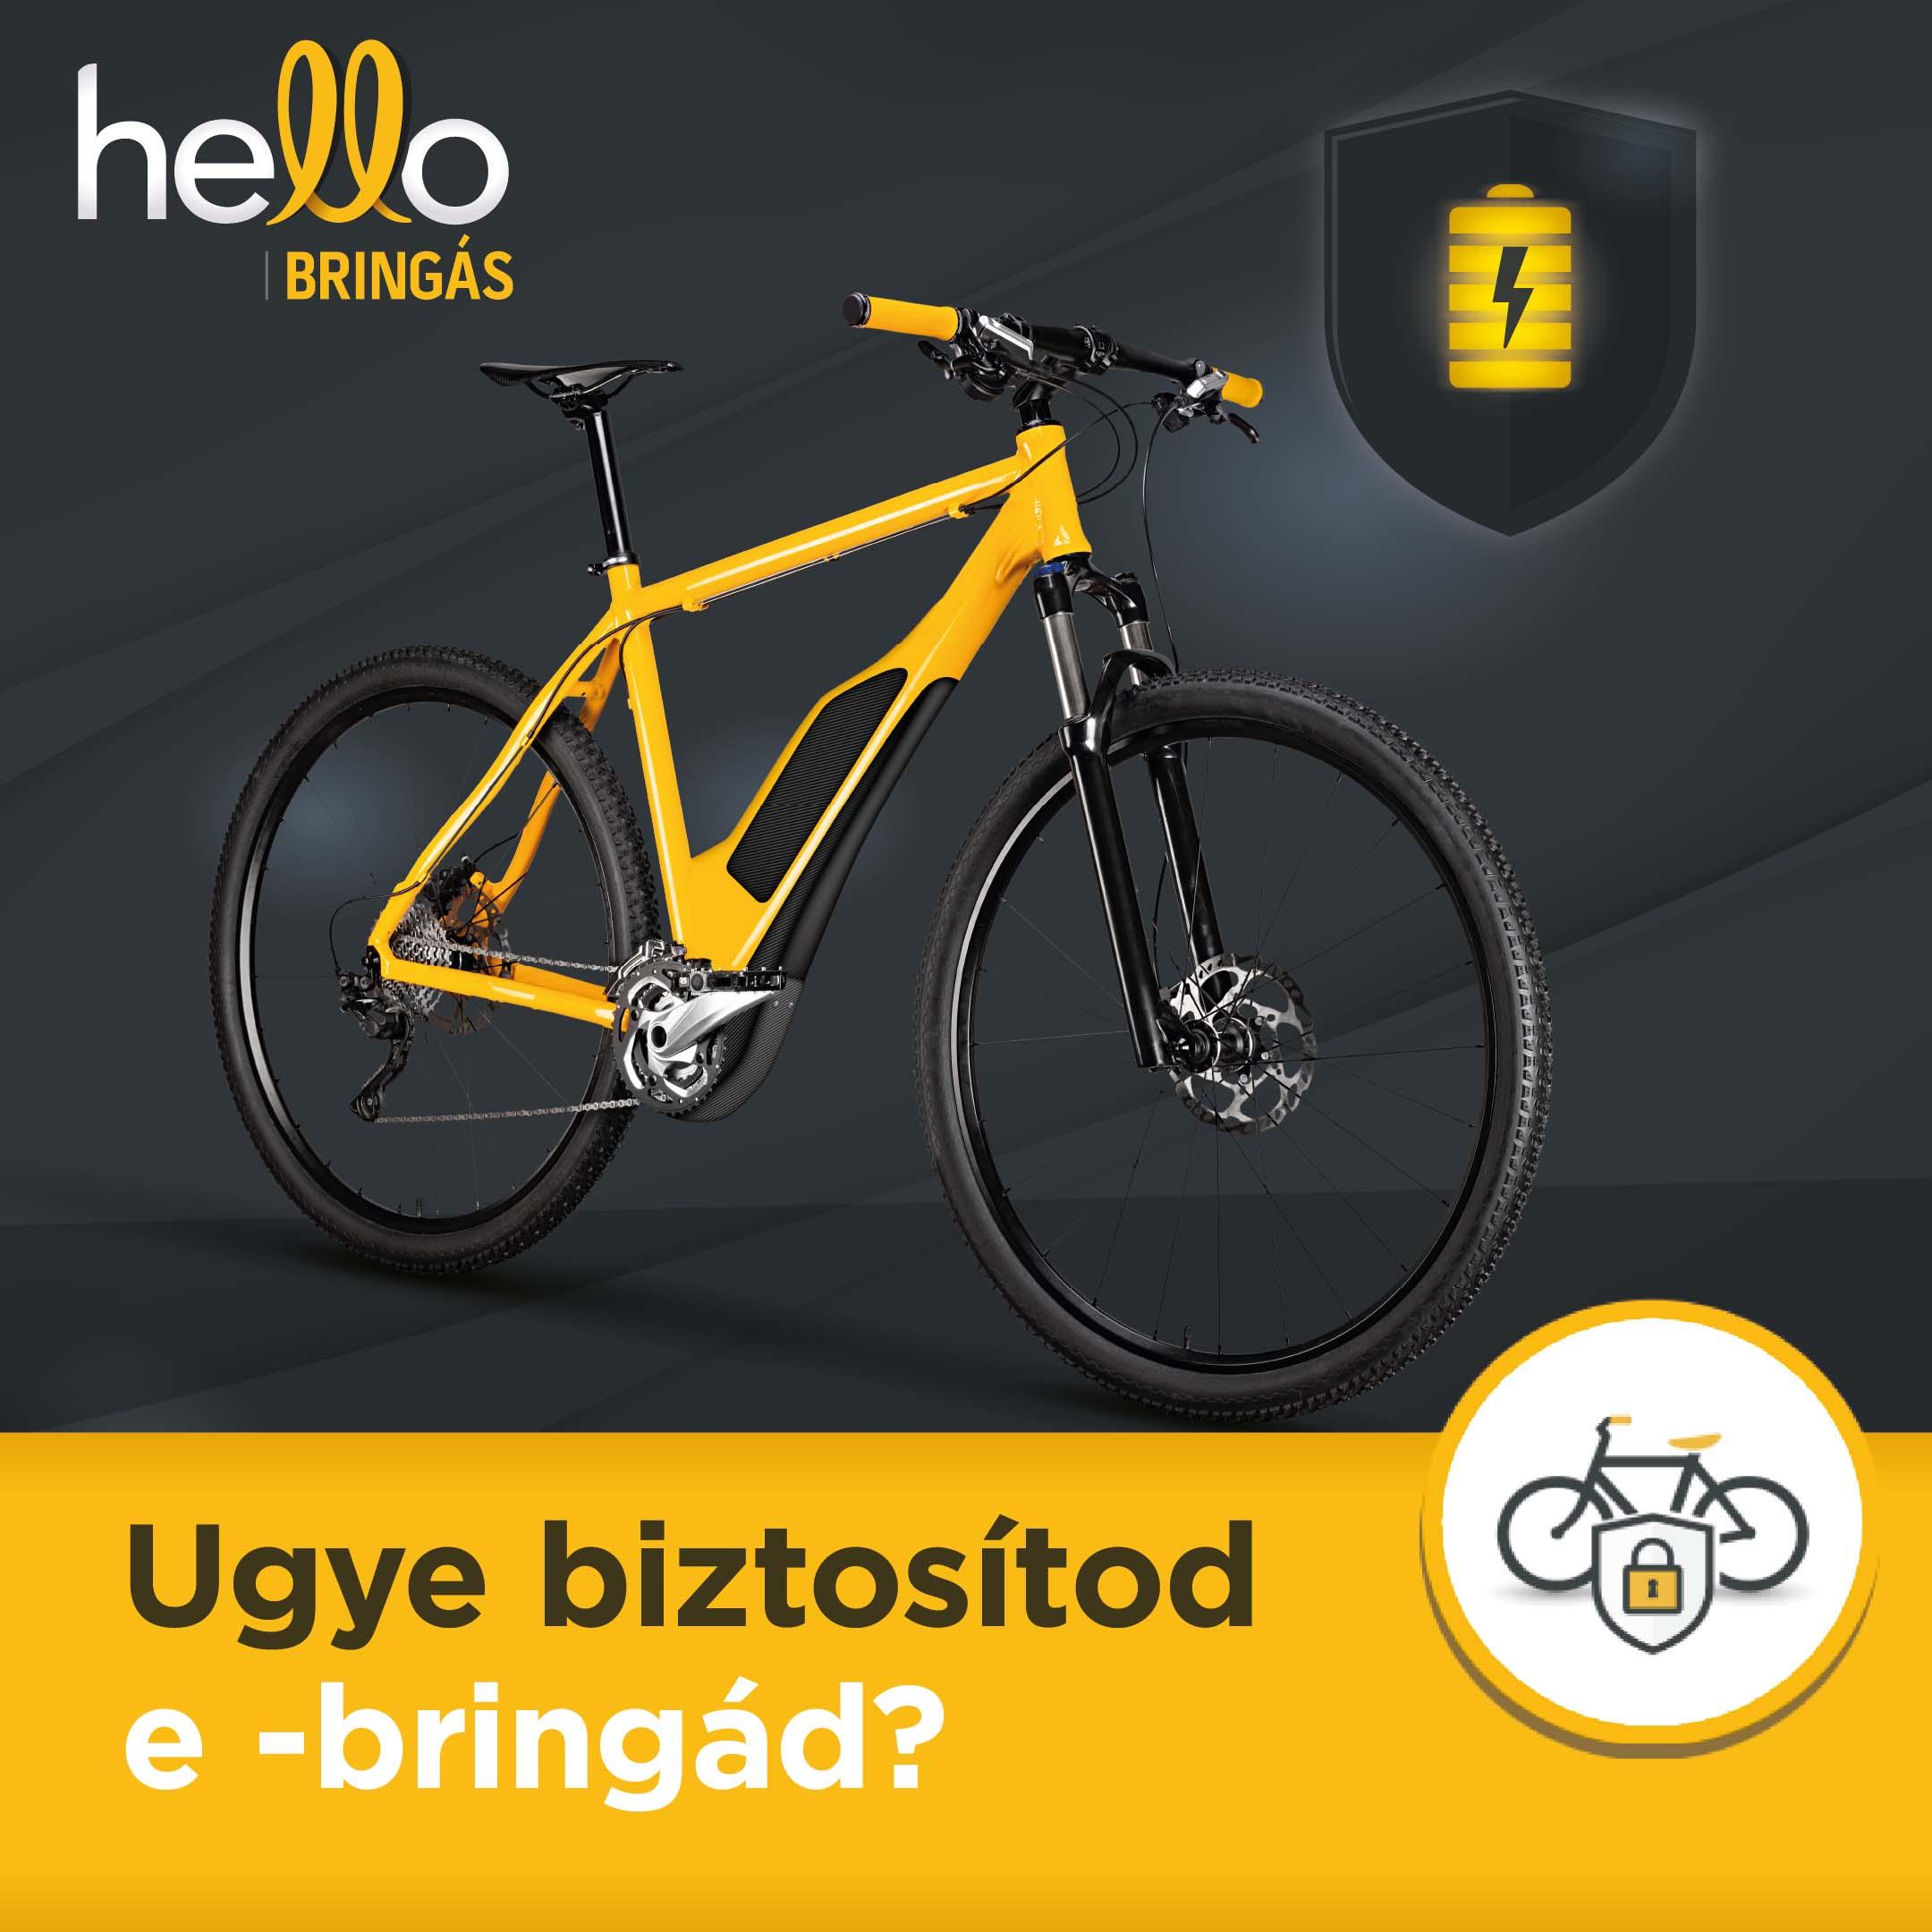 Már elektromos kerékpárokra is köthető biztosítás!-2